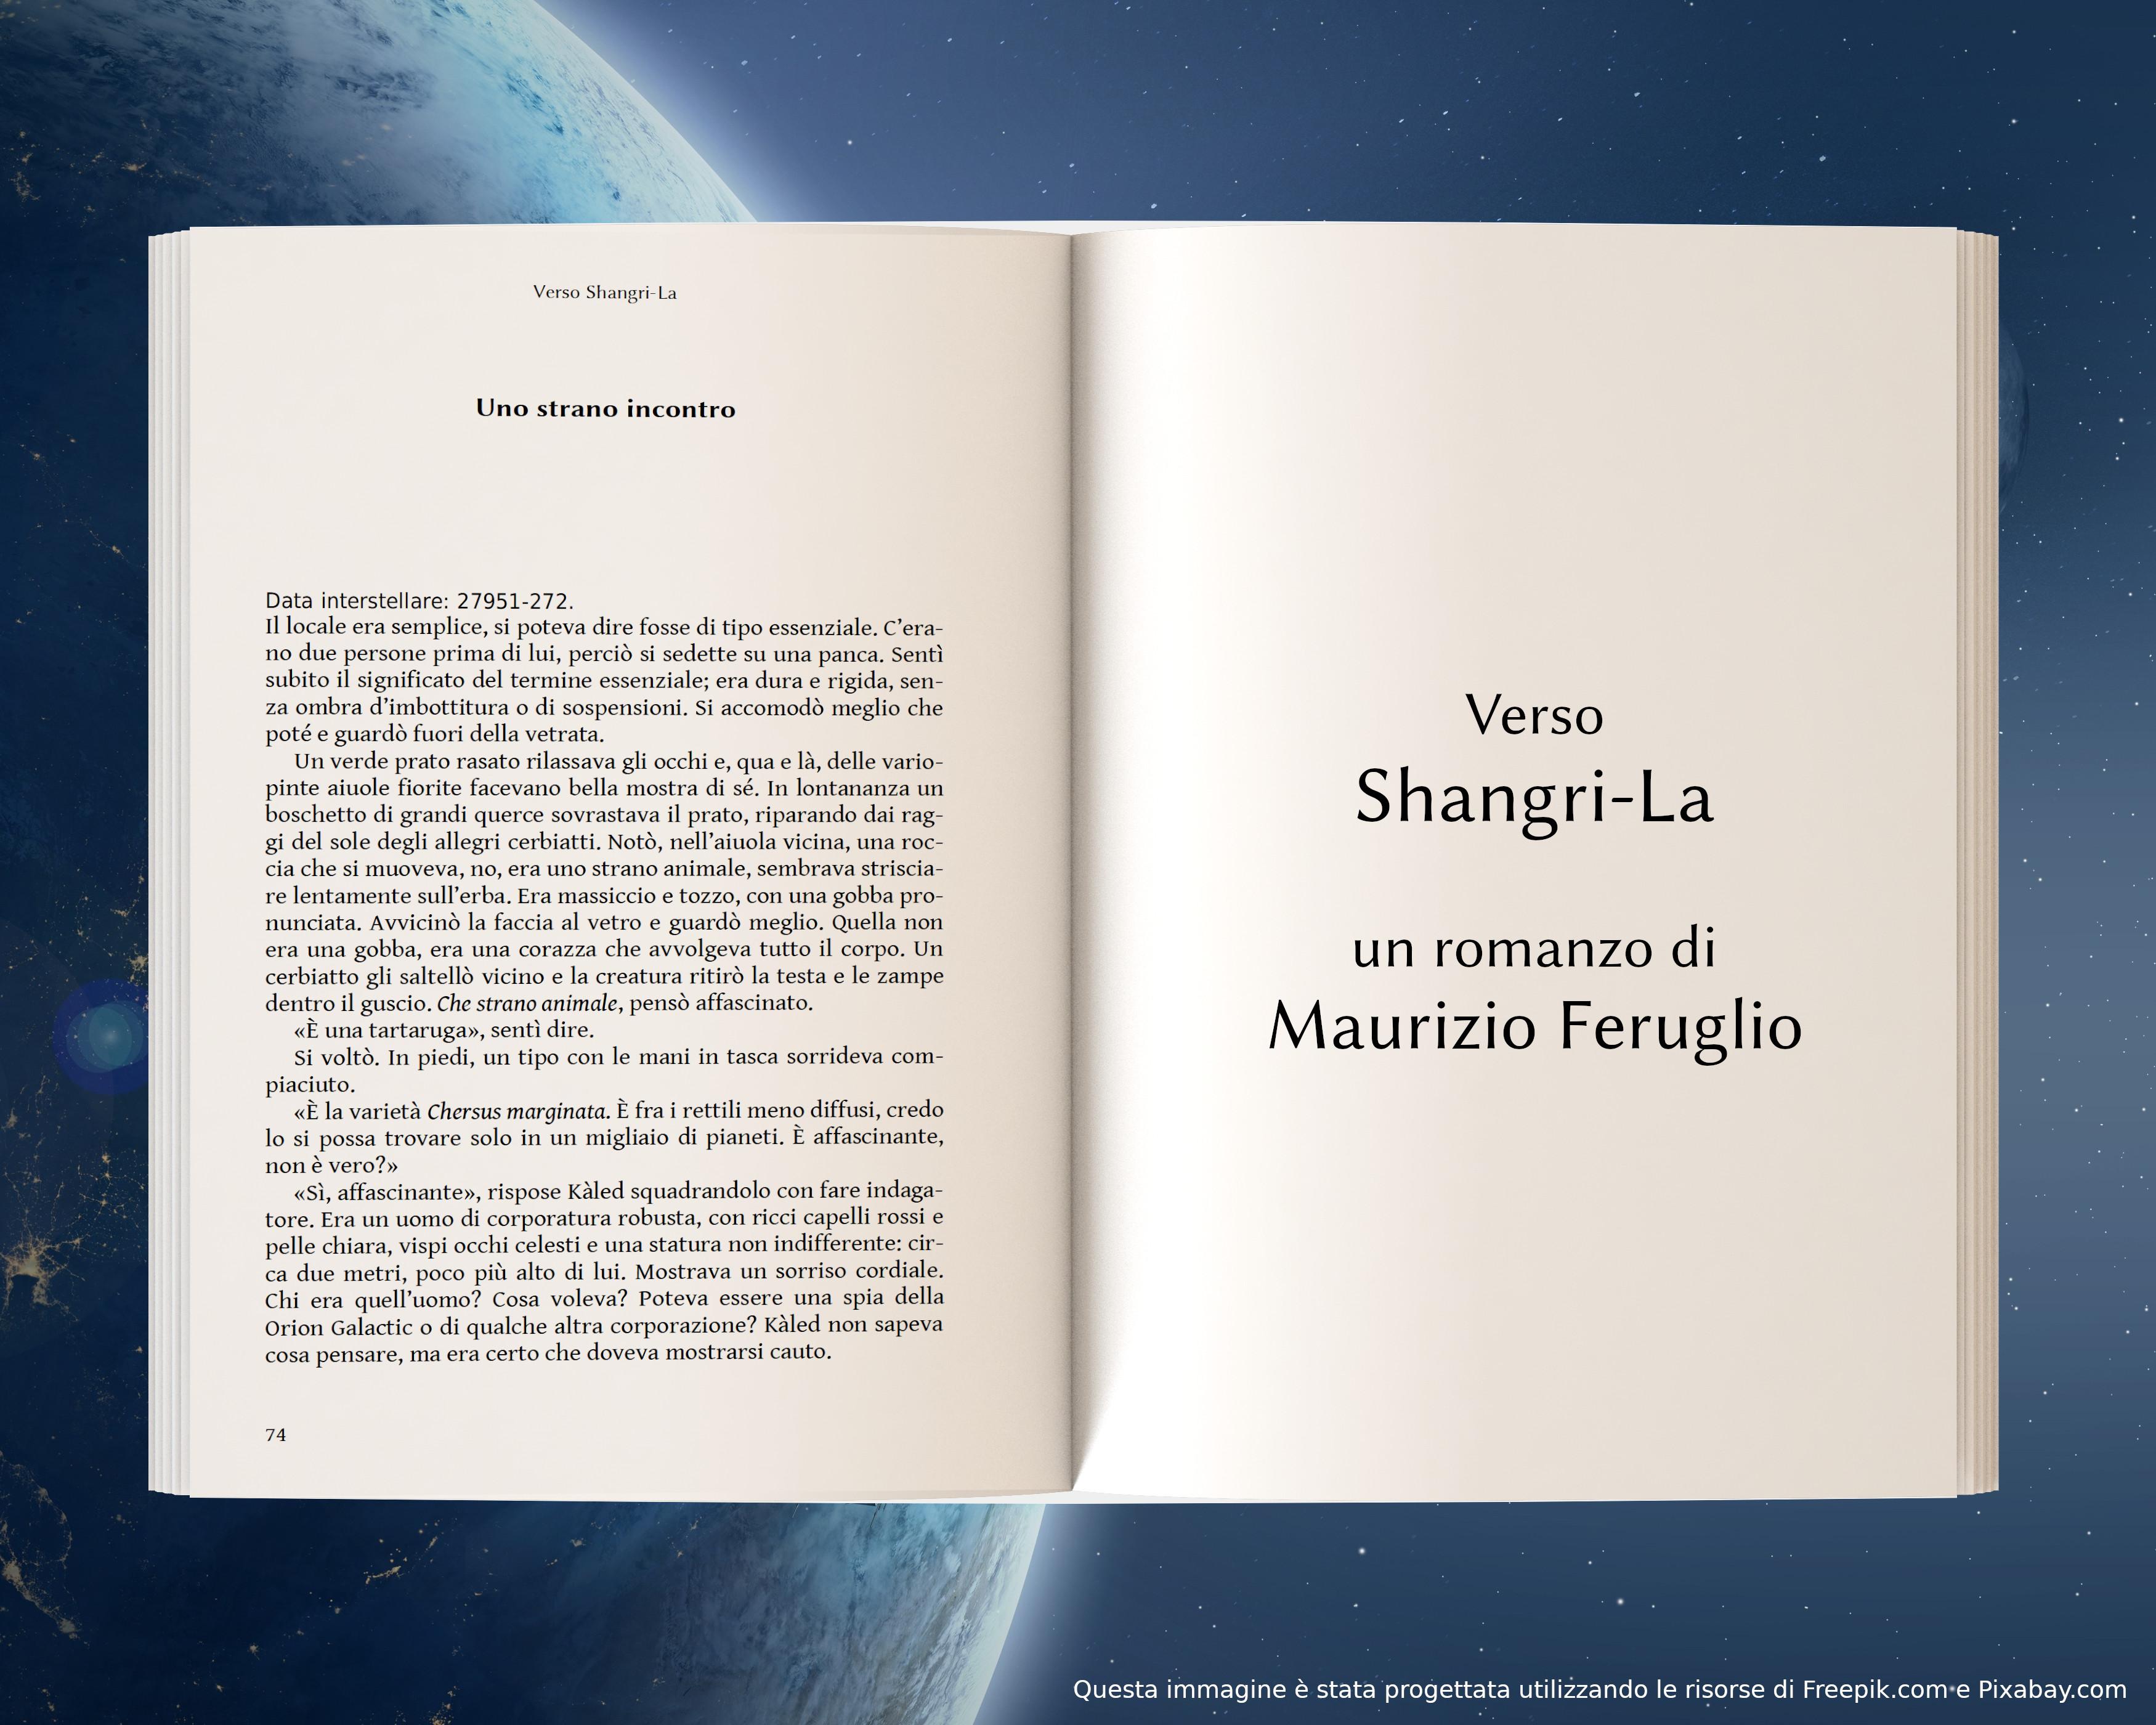 Uno strano incontro - anteprima di Verso Shangri-La di Maurizio Feruglio